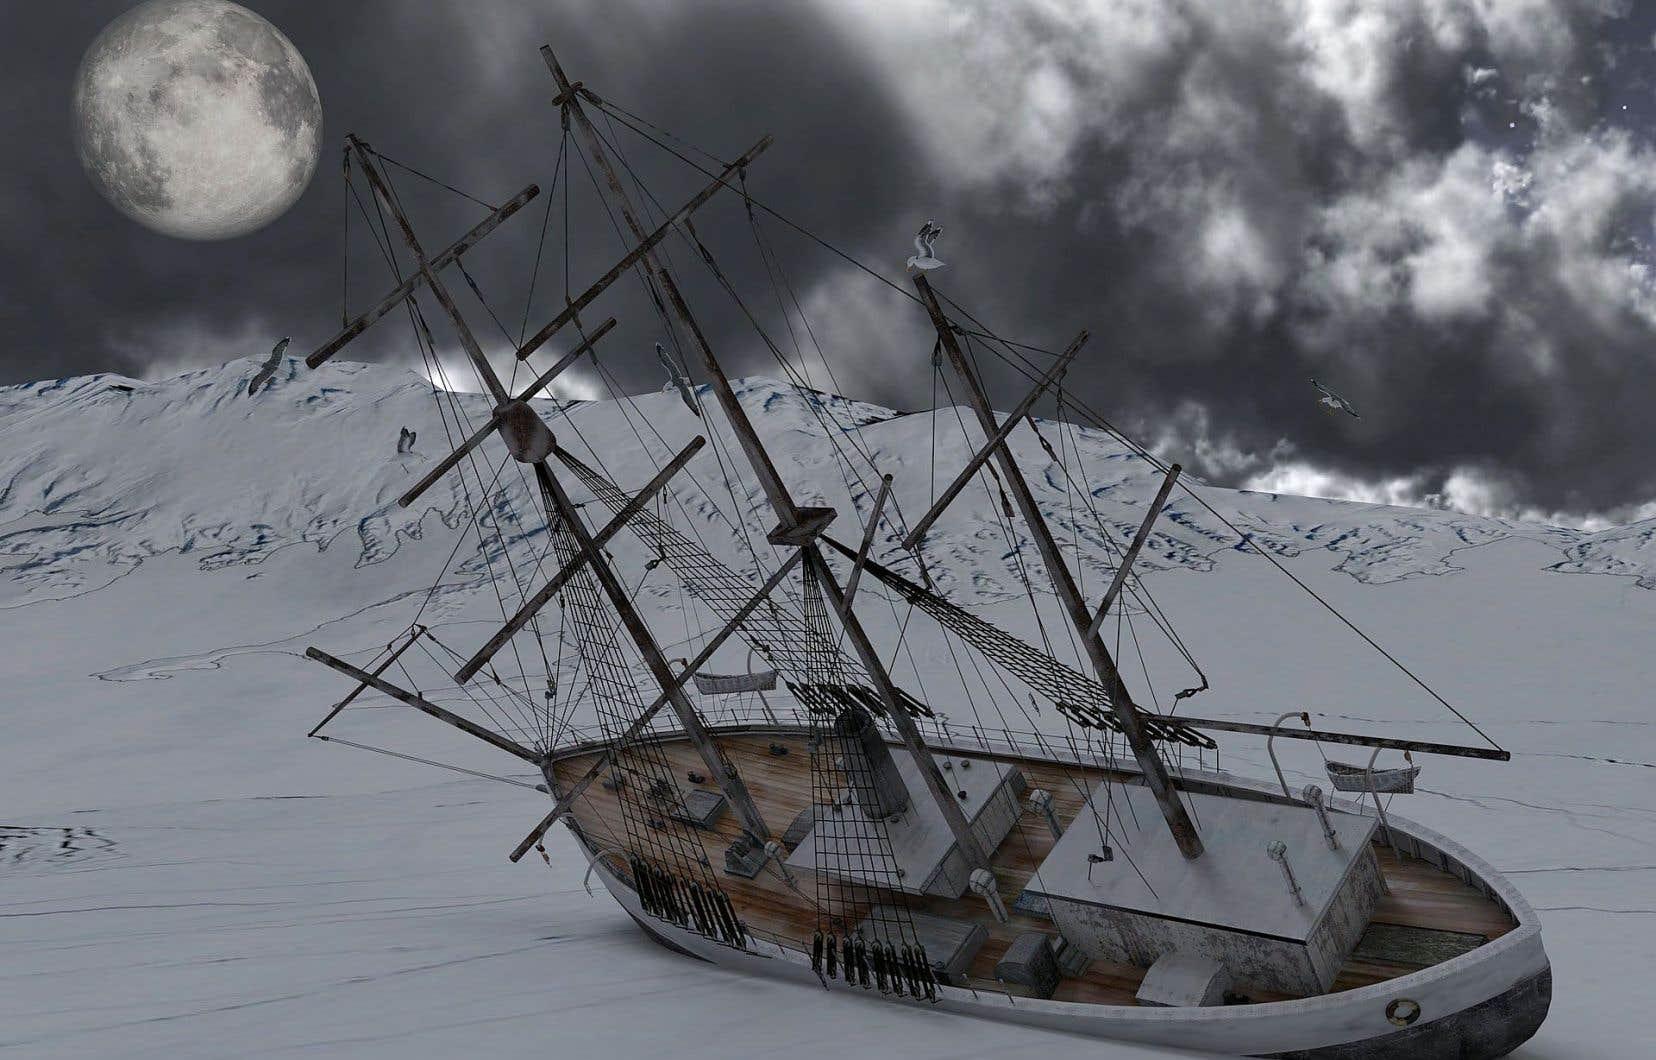 L'allusion à l'historique paquebot servira peut-être d'appât, car de naufrage, il est surtout question par la métaphore.